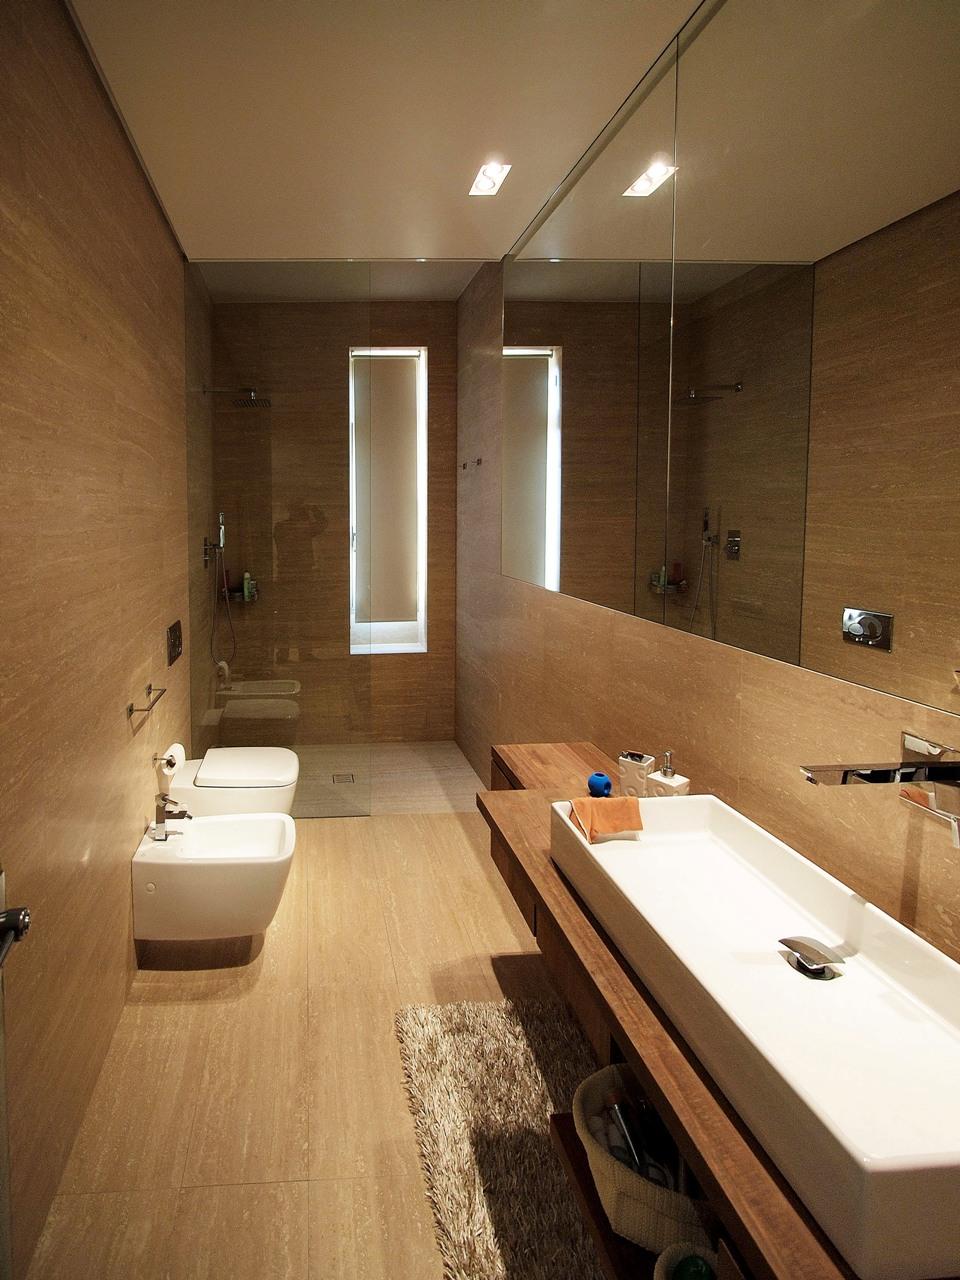 Servizio di posa marmi per pavimenti rivestimenti e scale for Case di architetti